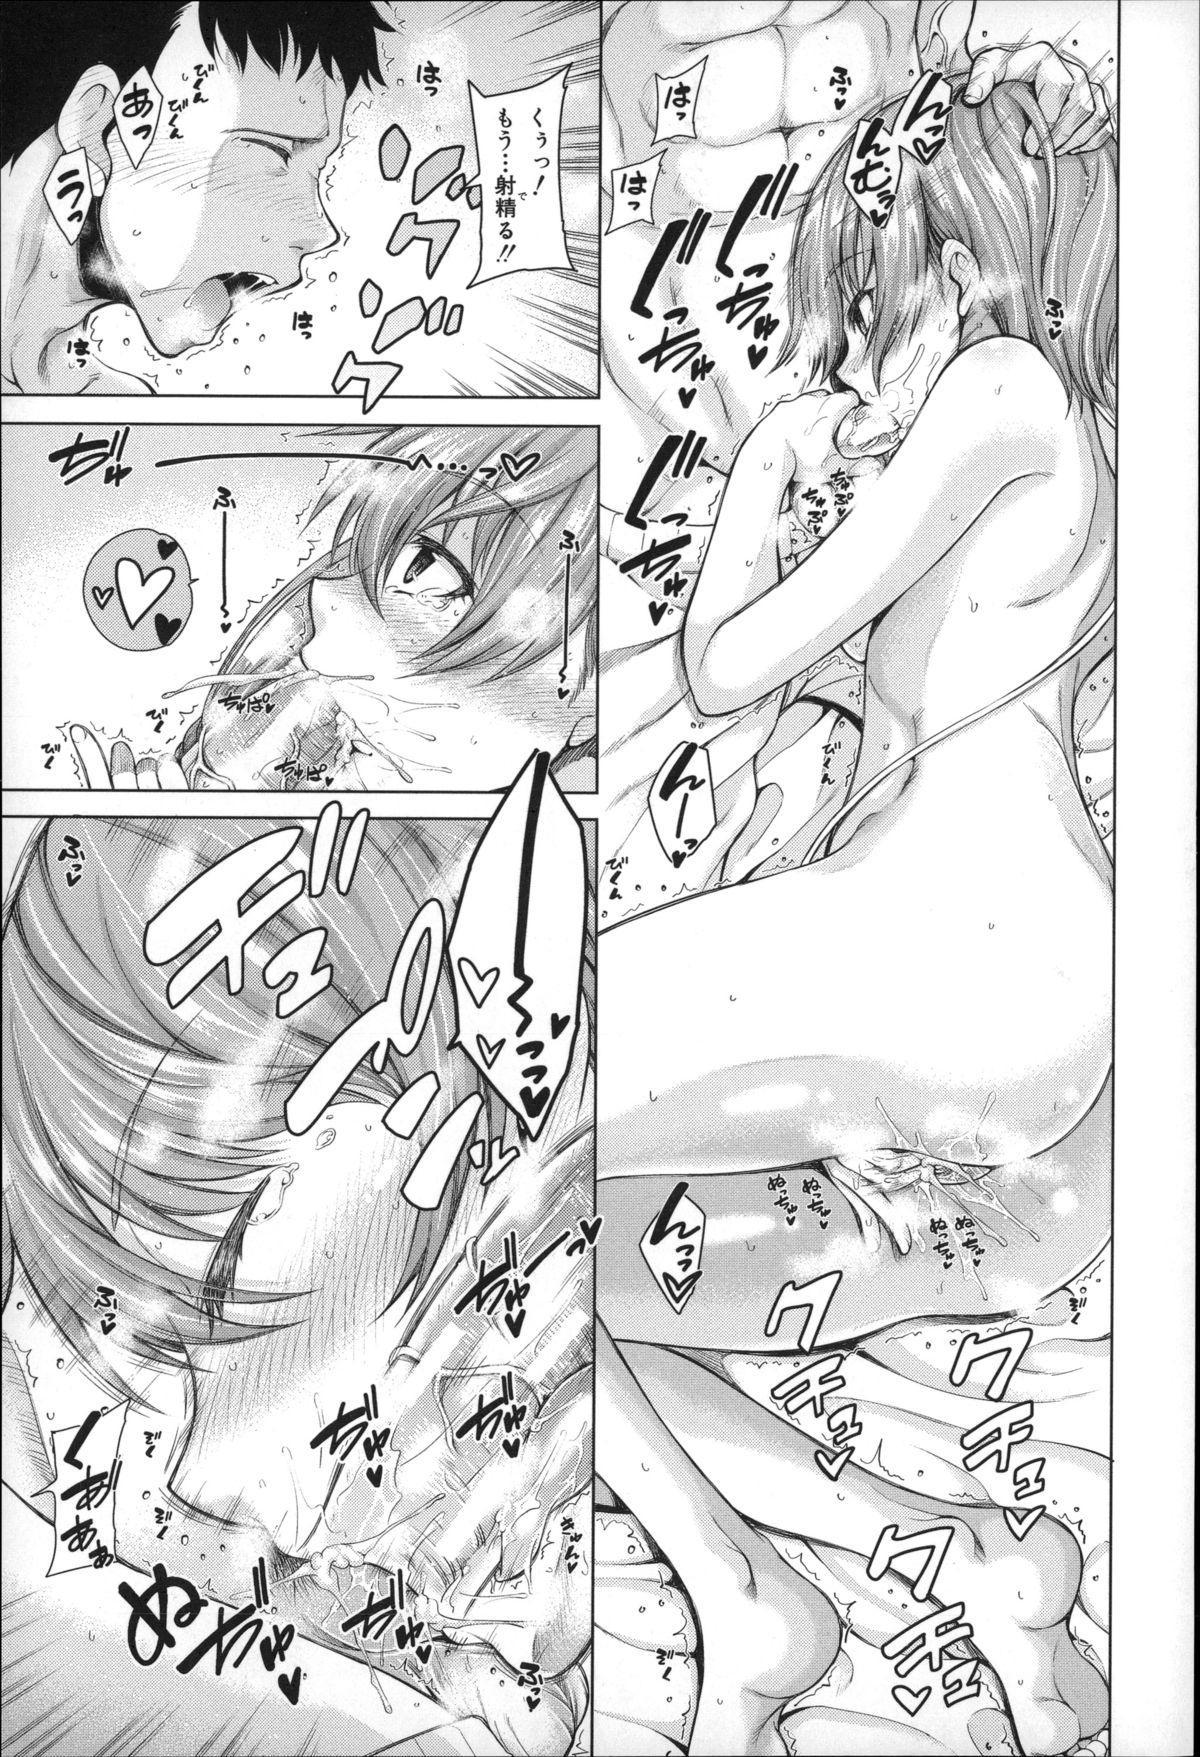 Migite ga Bishoujo ni Natta kara Sex Shita kedo Doutei dayone!! 21